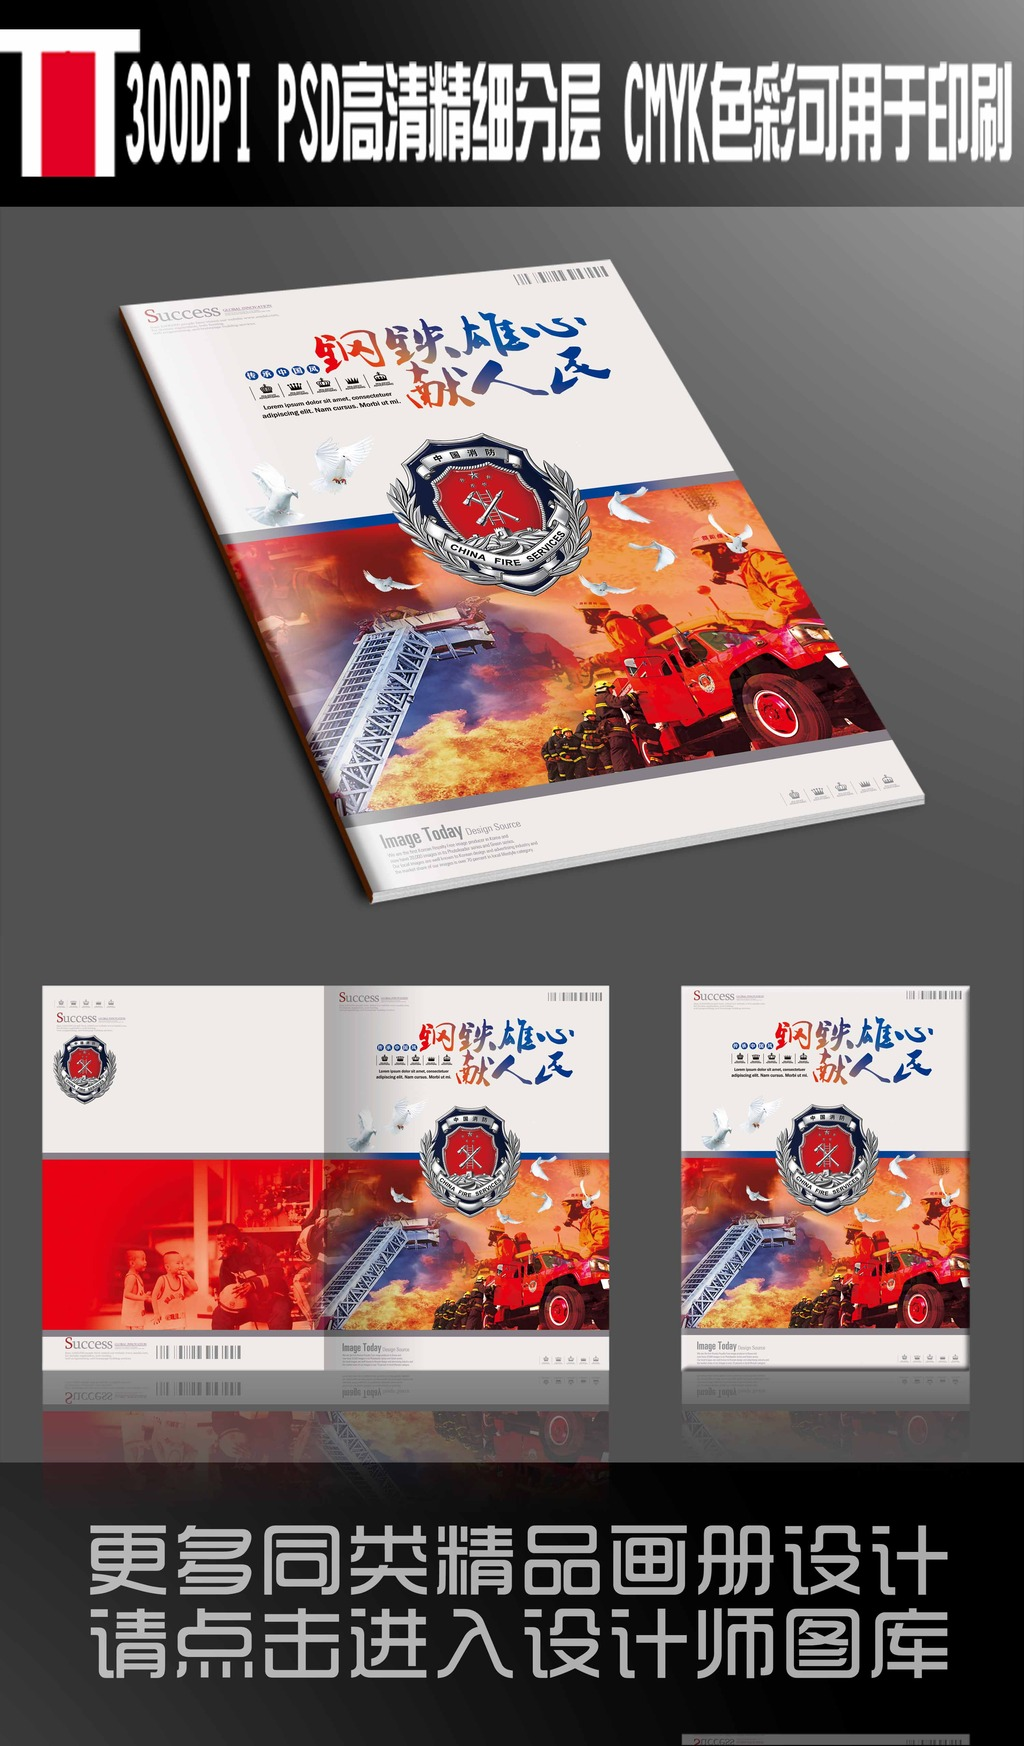 封面设计 封面模板 安全 消防 防火 消防队 救援 消防封面 抗震救灾